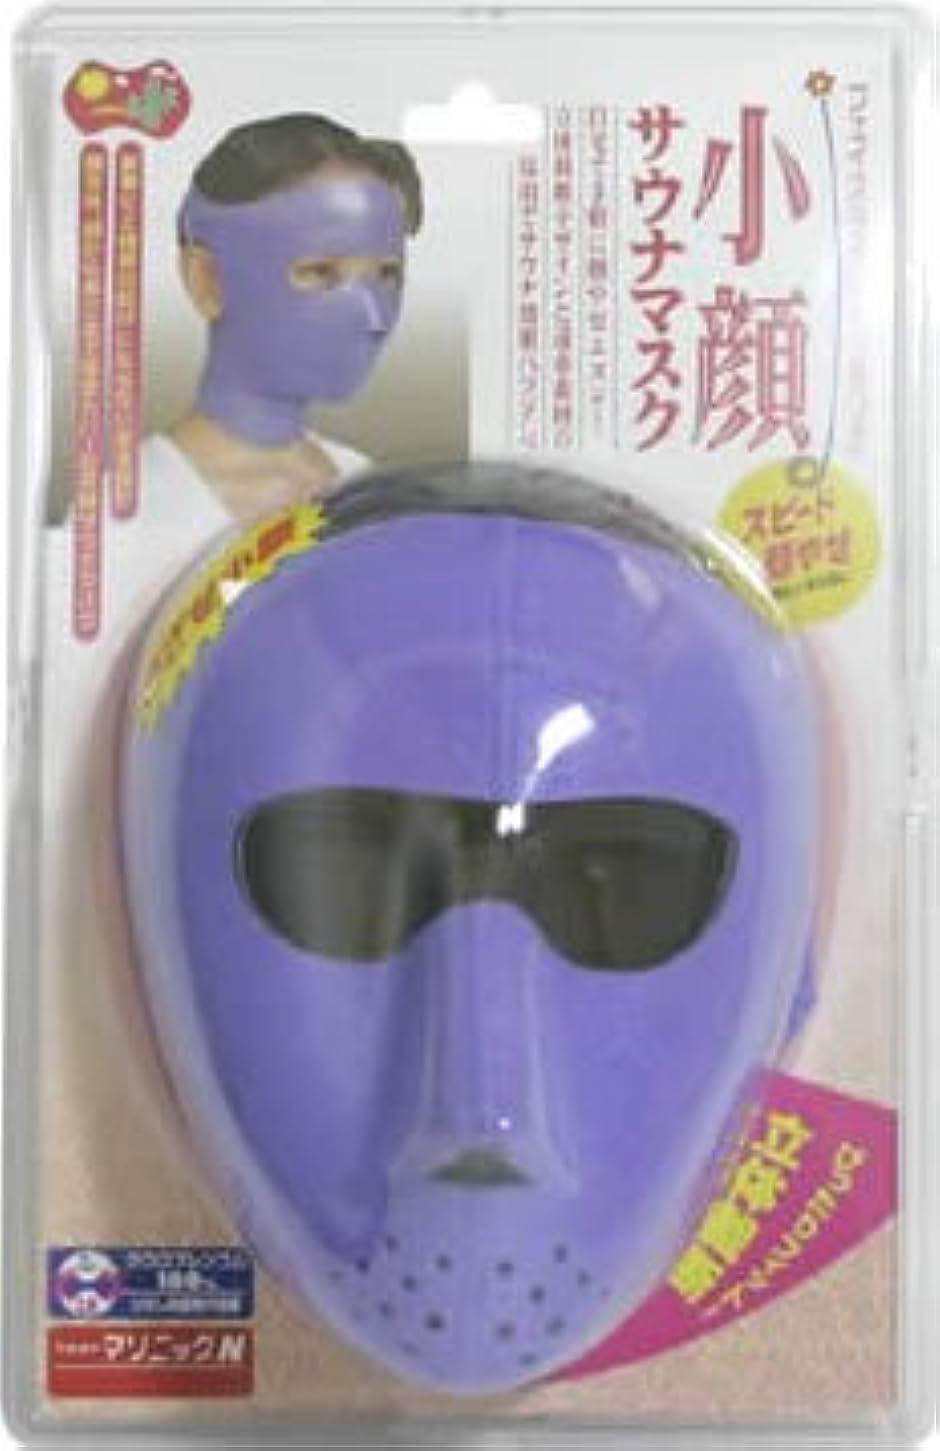 探す例示する法律コジット 小顔サウナマスク